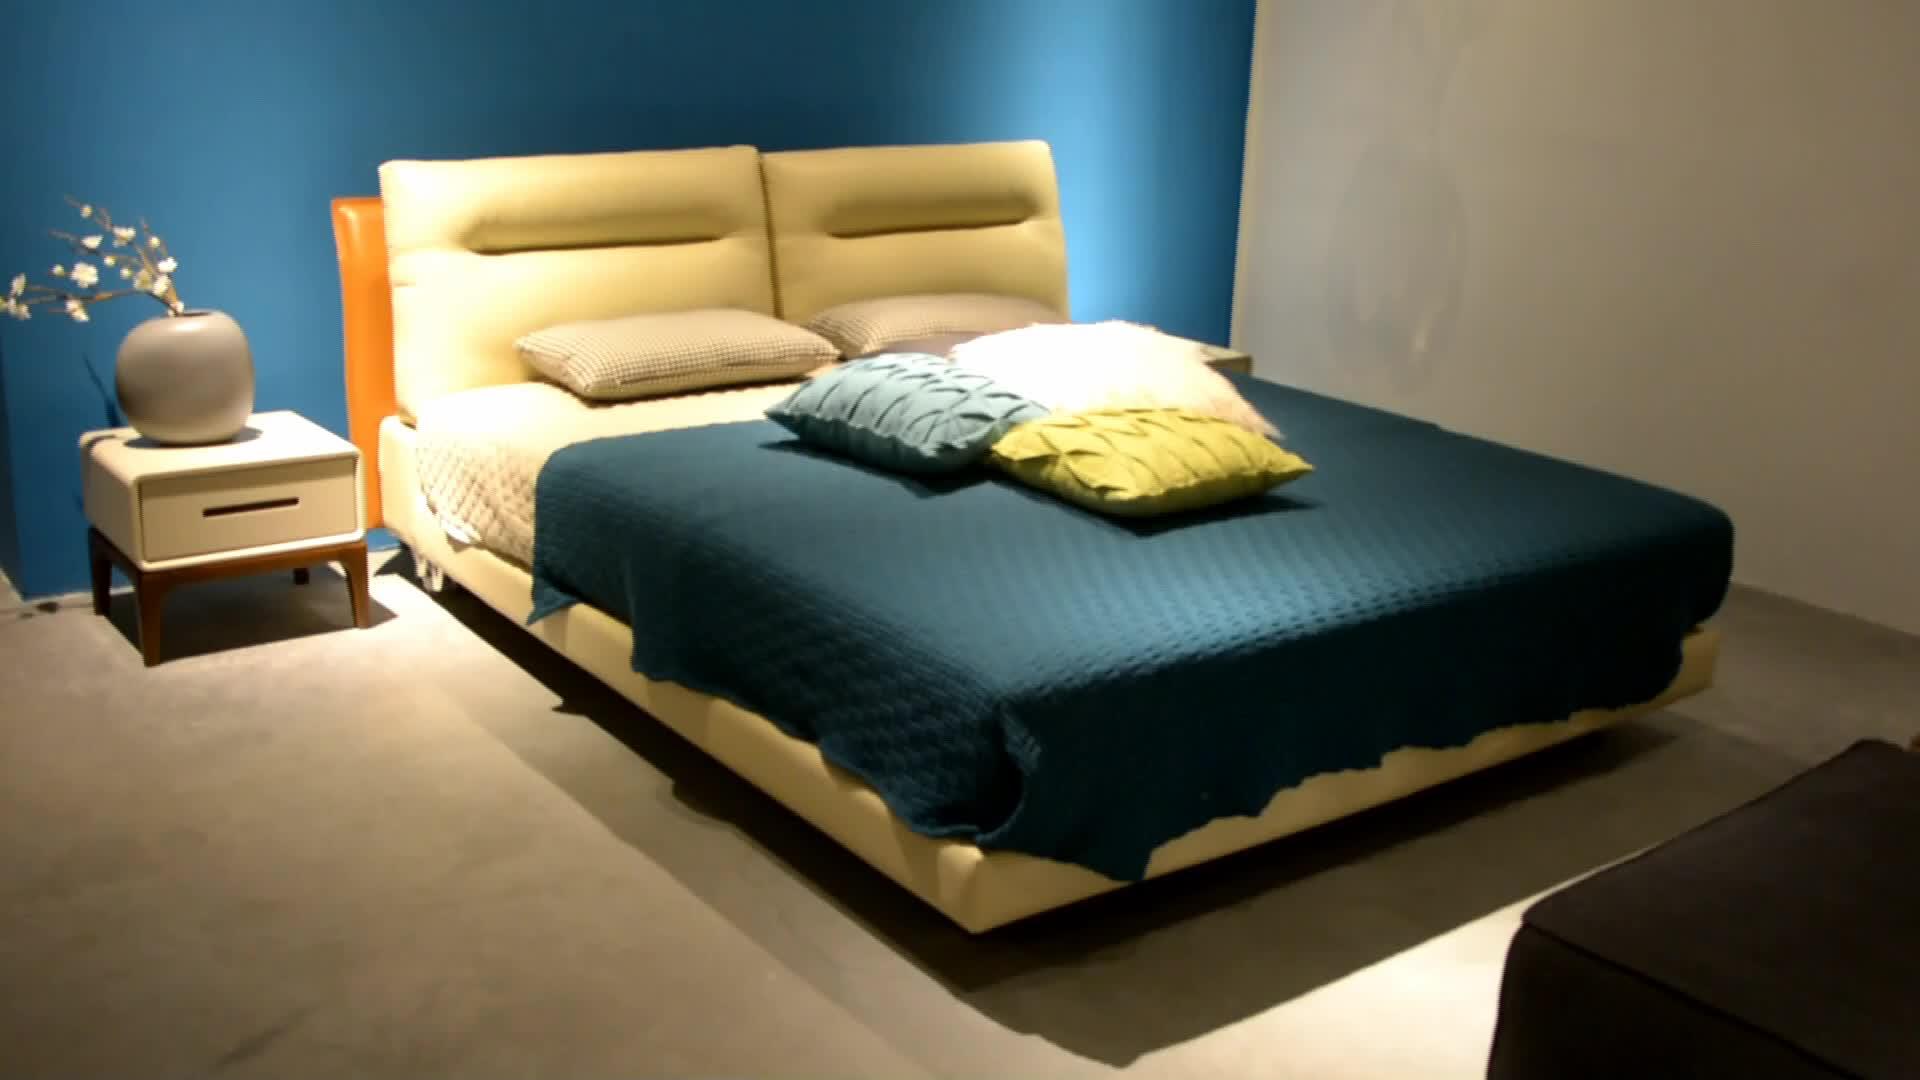 Alibaba furniture bedroom modern bed design leather bed